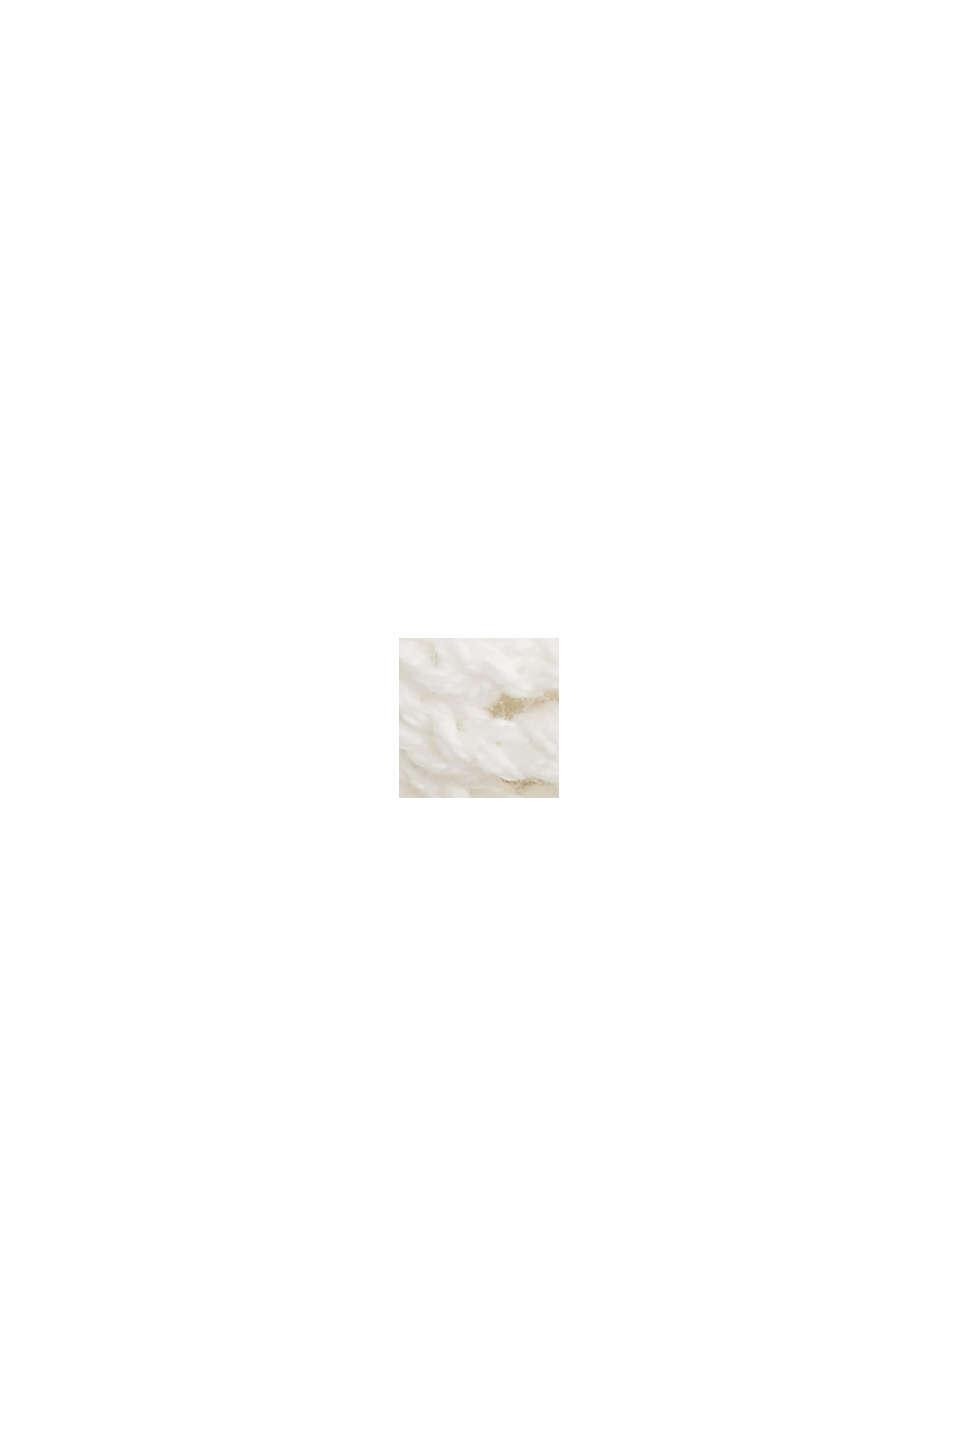 Pullover a giorno in 100% cotone biologico, OFF WHITE, swatch